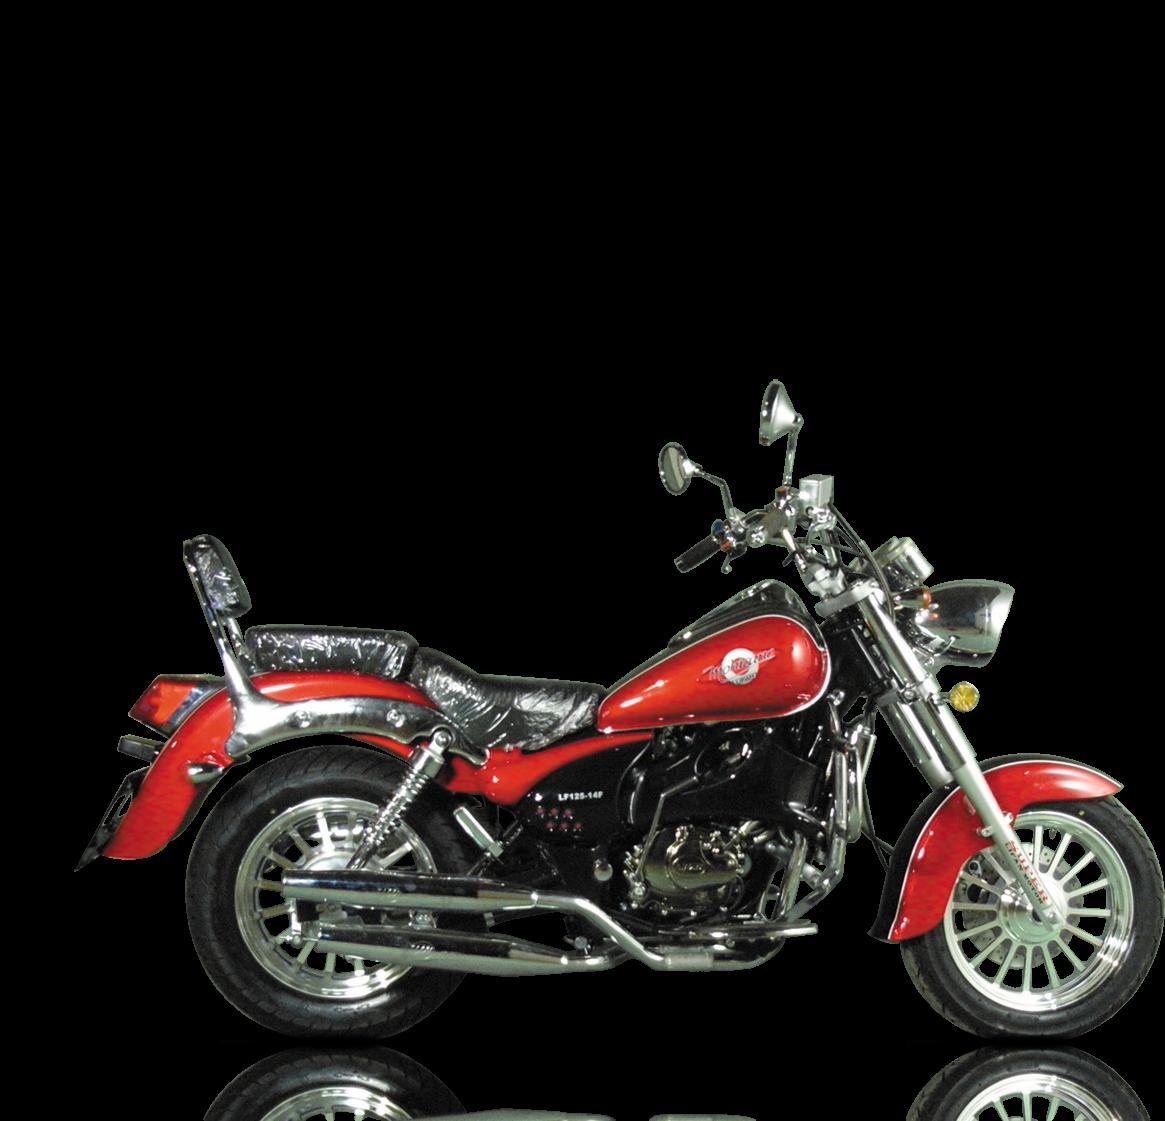 Used Harley Davidson Dealers Uk